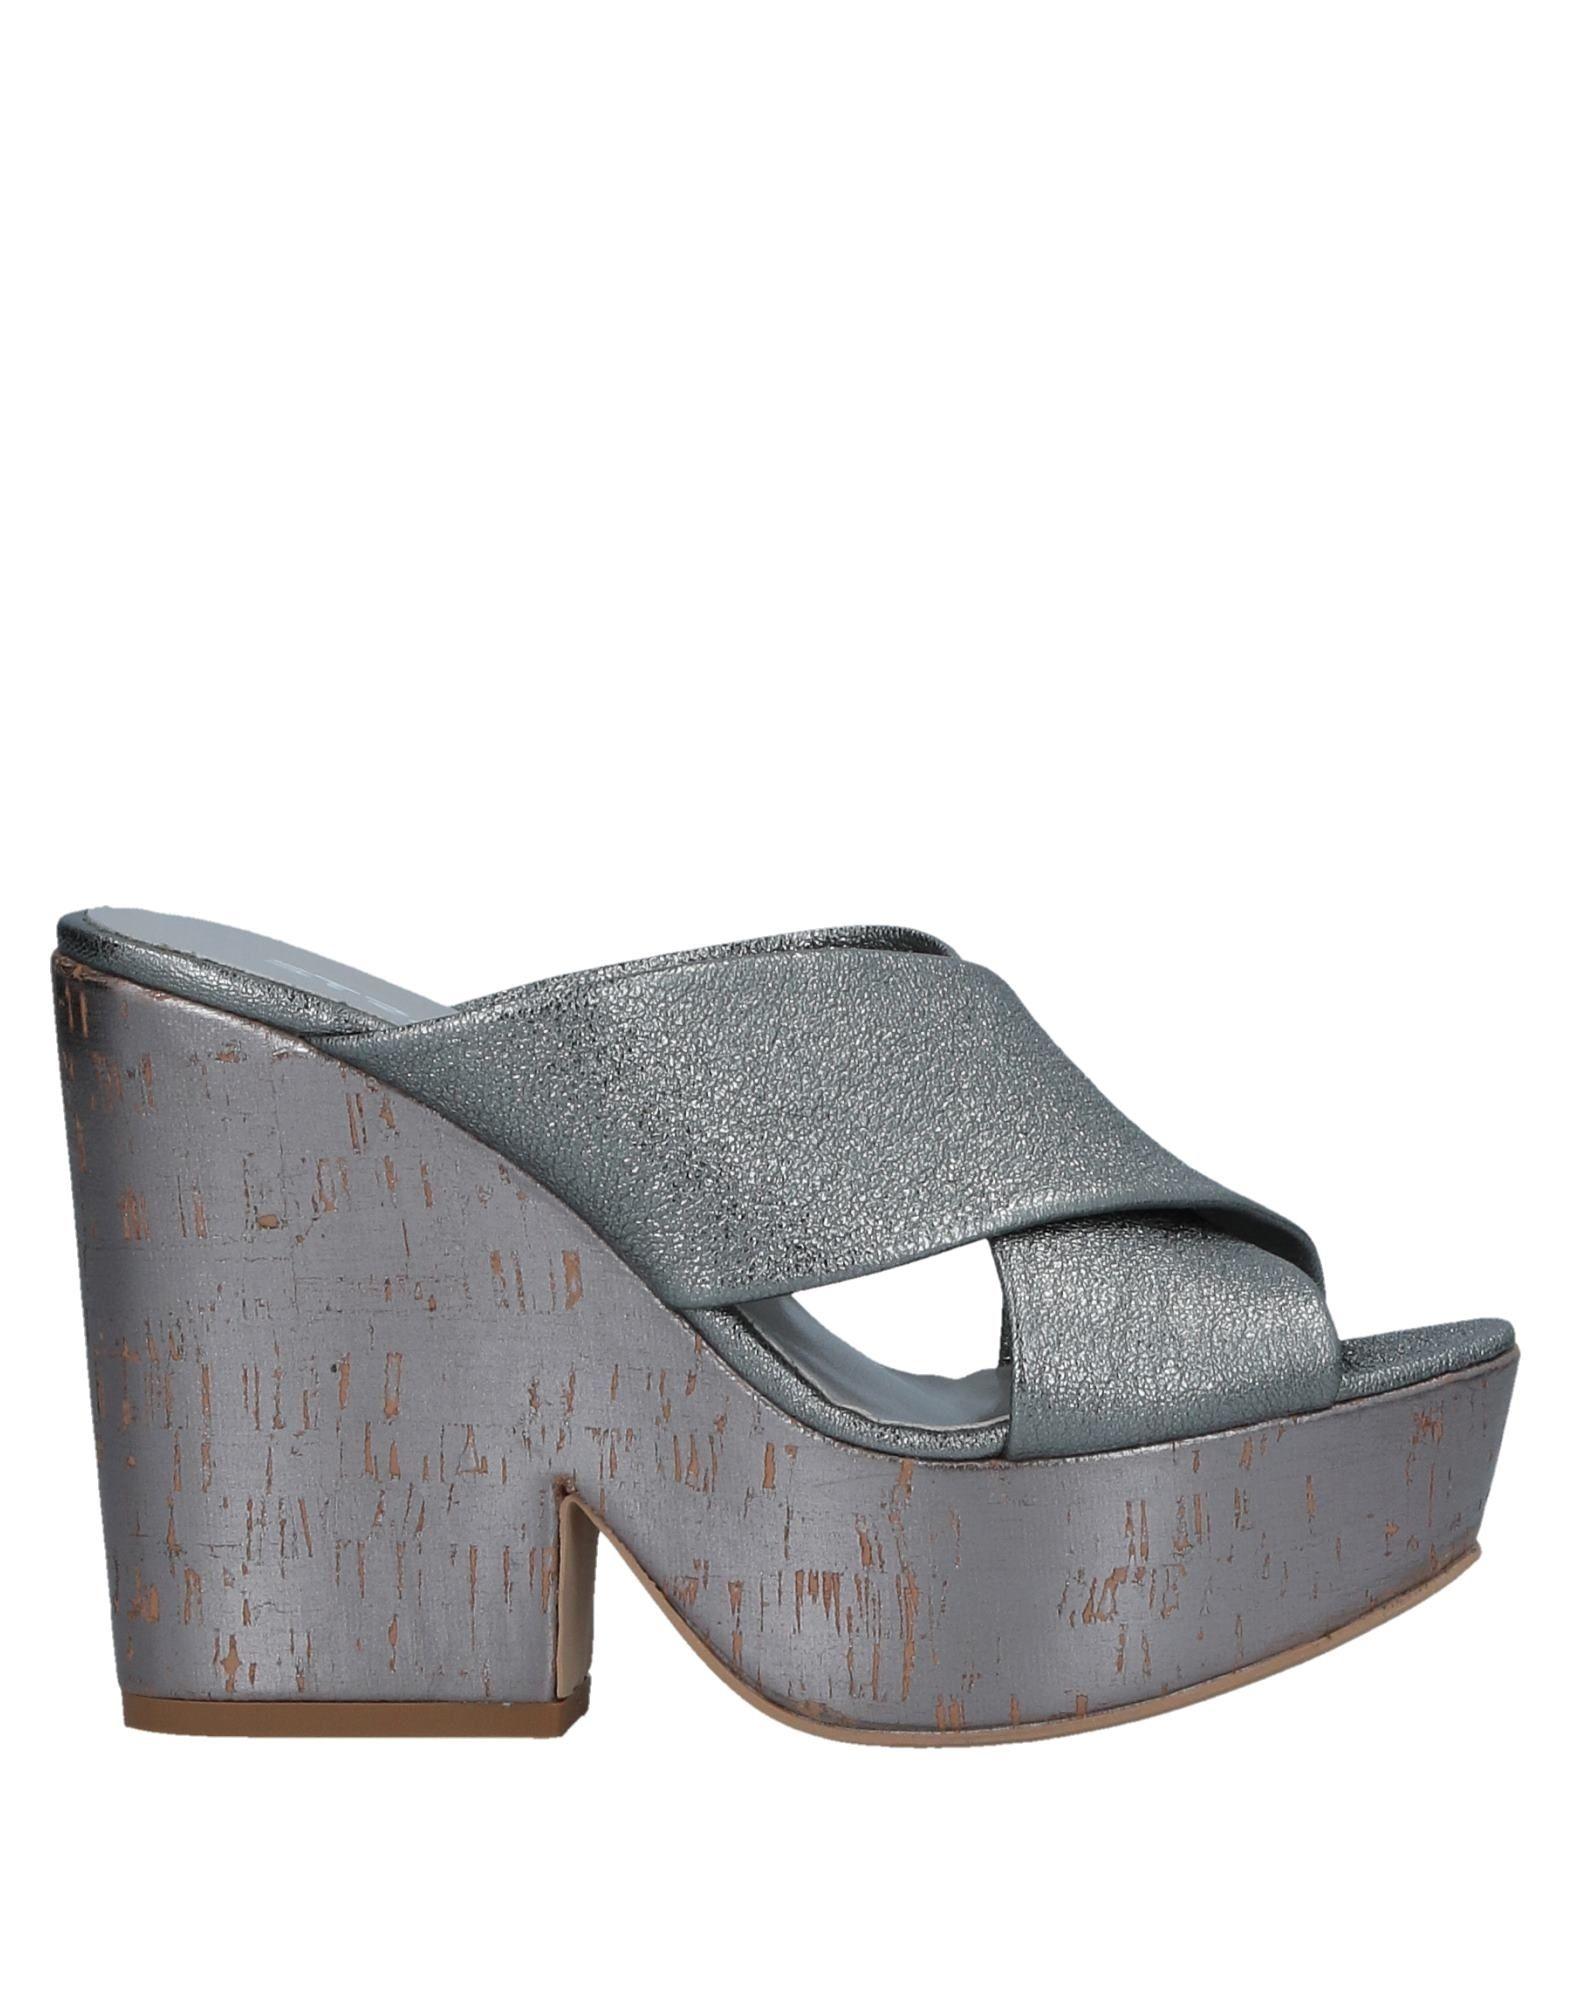 Moda Sandali Sandali Moda Strategia Donna - 11531604PB 2ddbbc